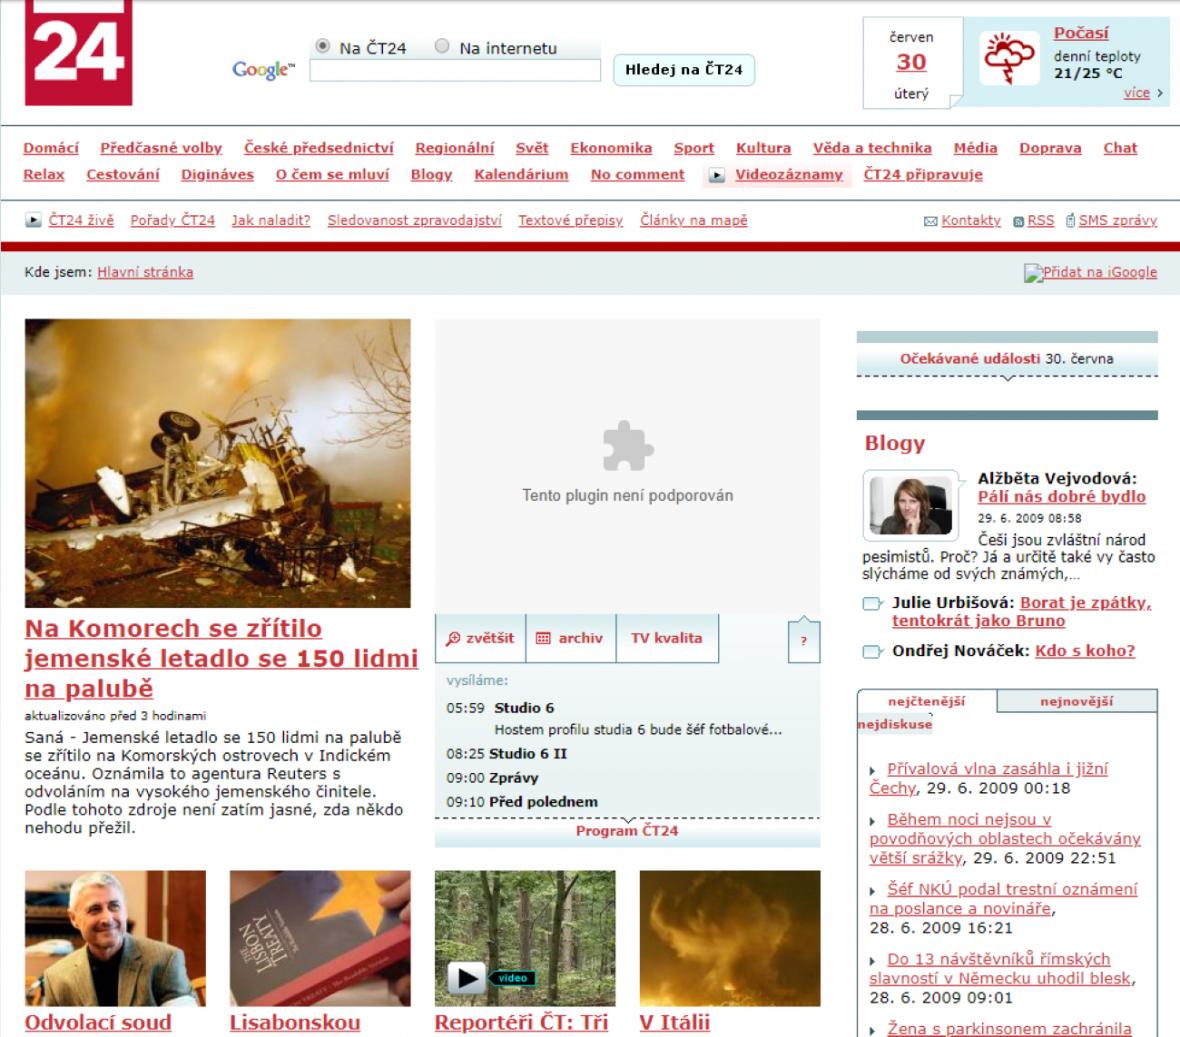 Web ČT24 v roce 2009